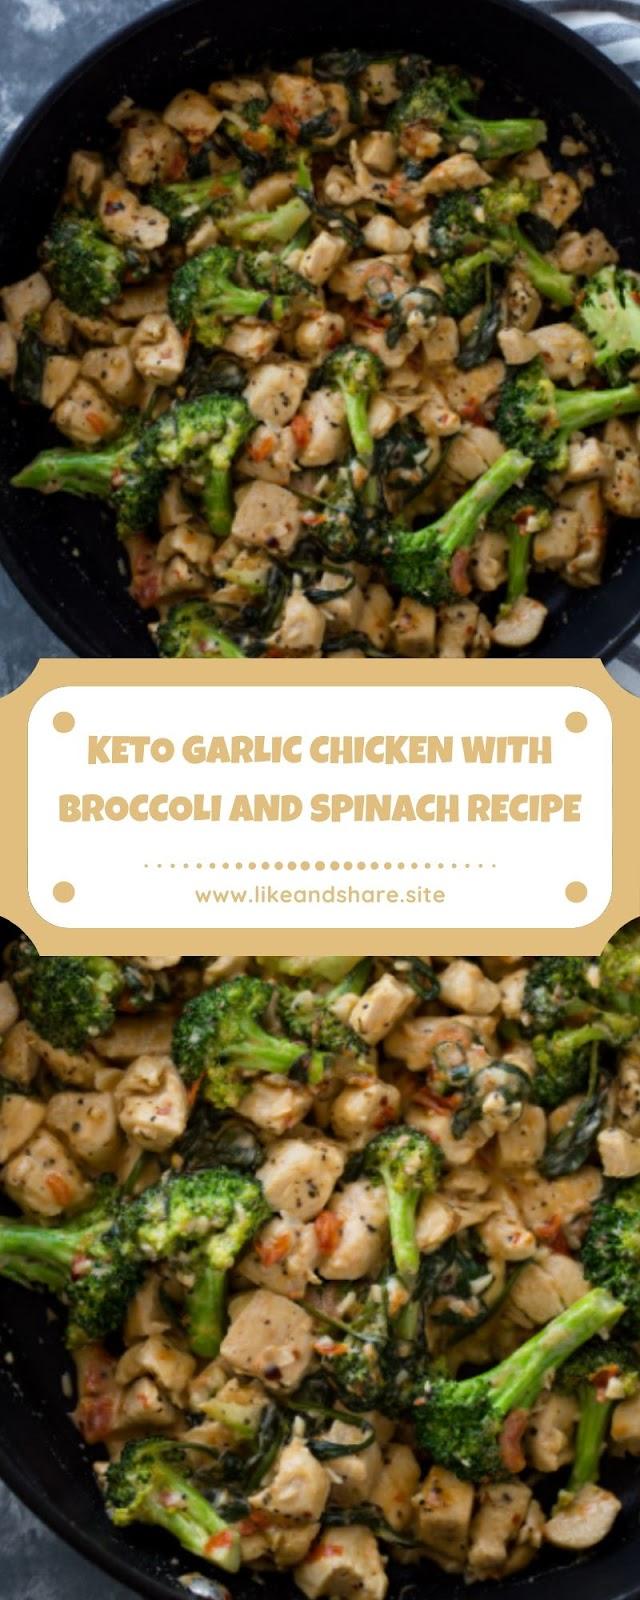 KETO GARLIC CHICKEN WITH BROCCOLI AND SPINACH RECIPE